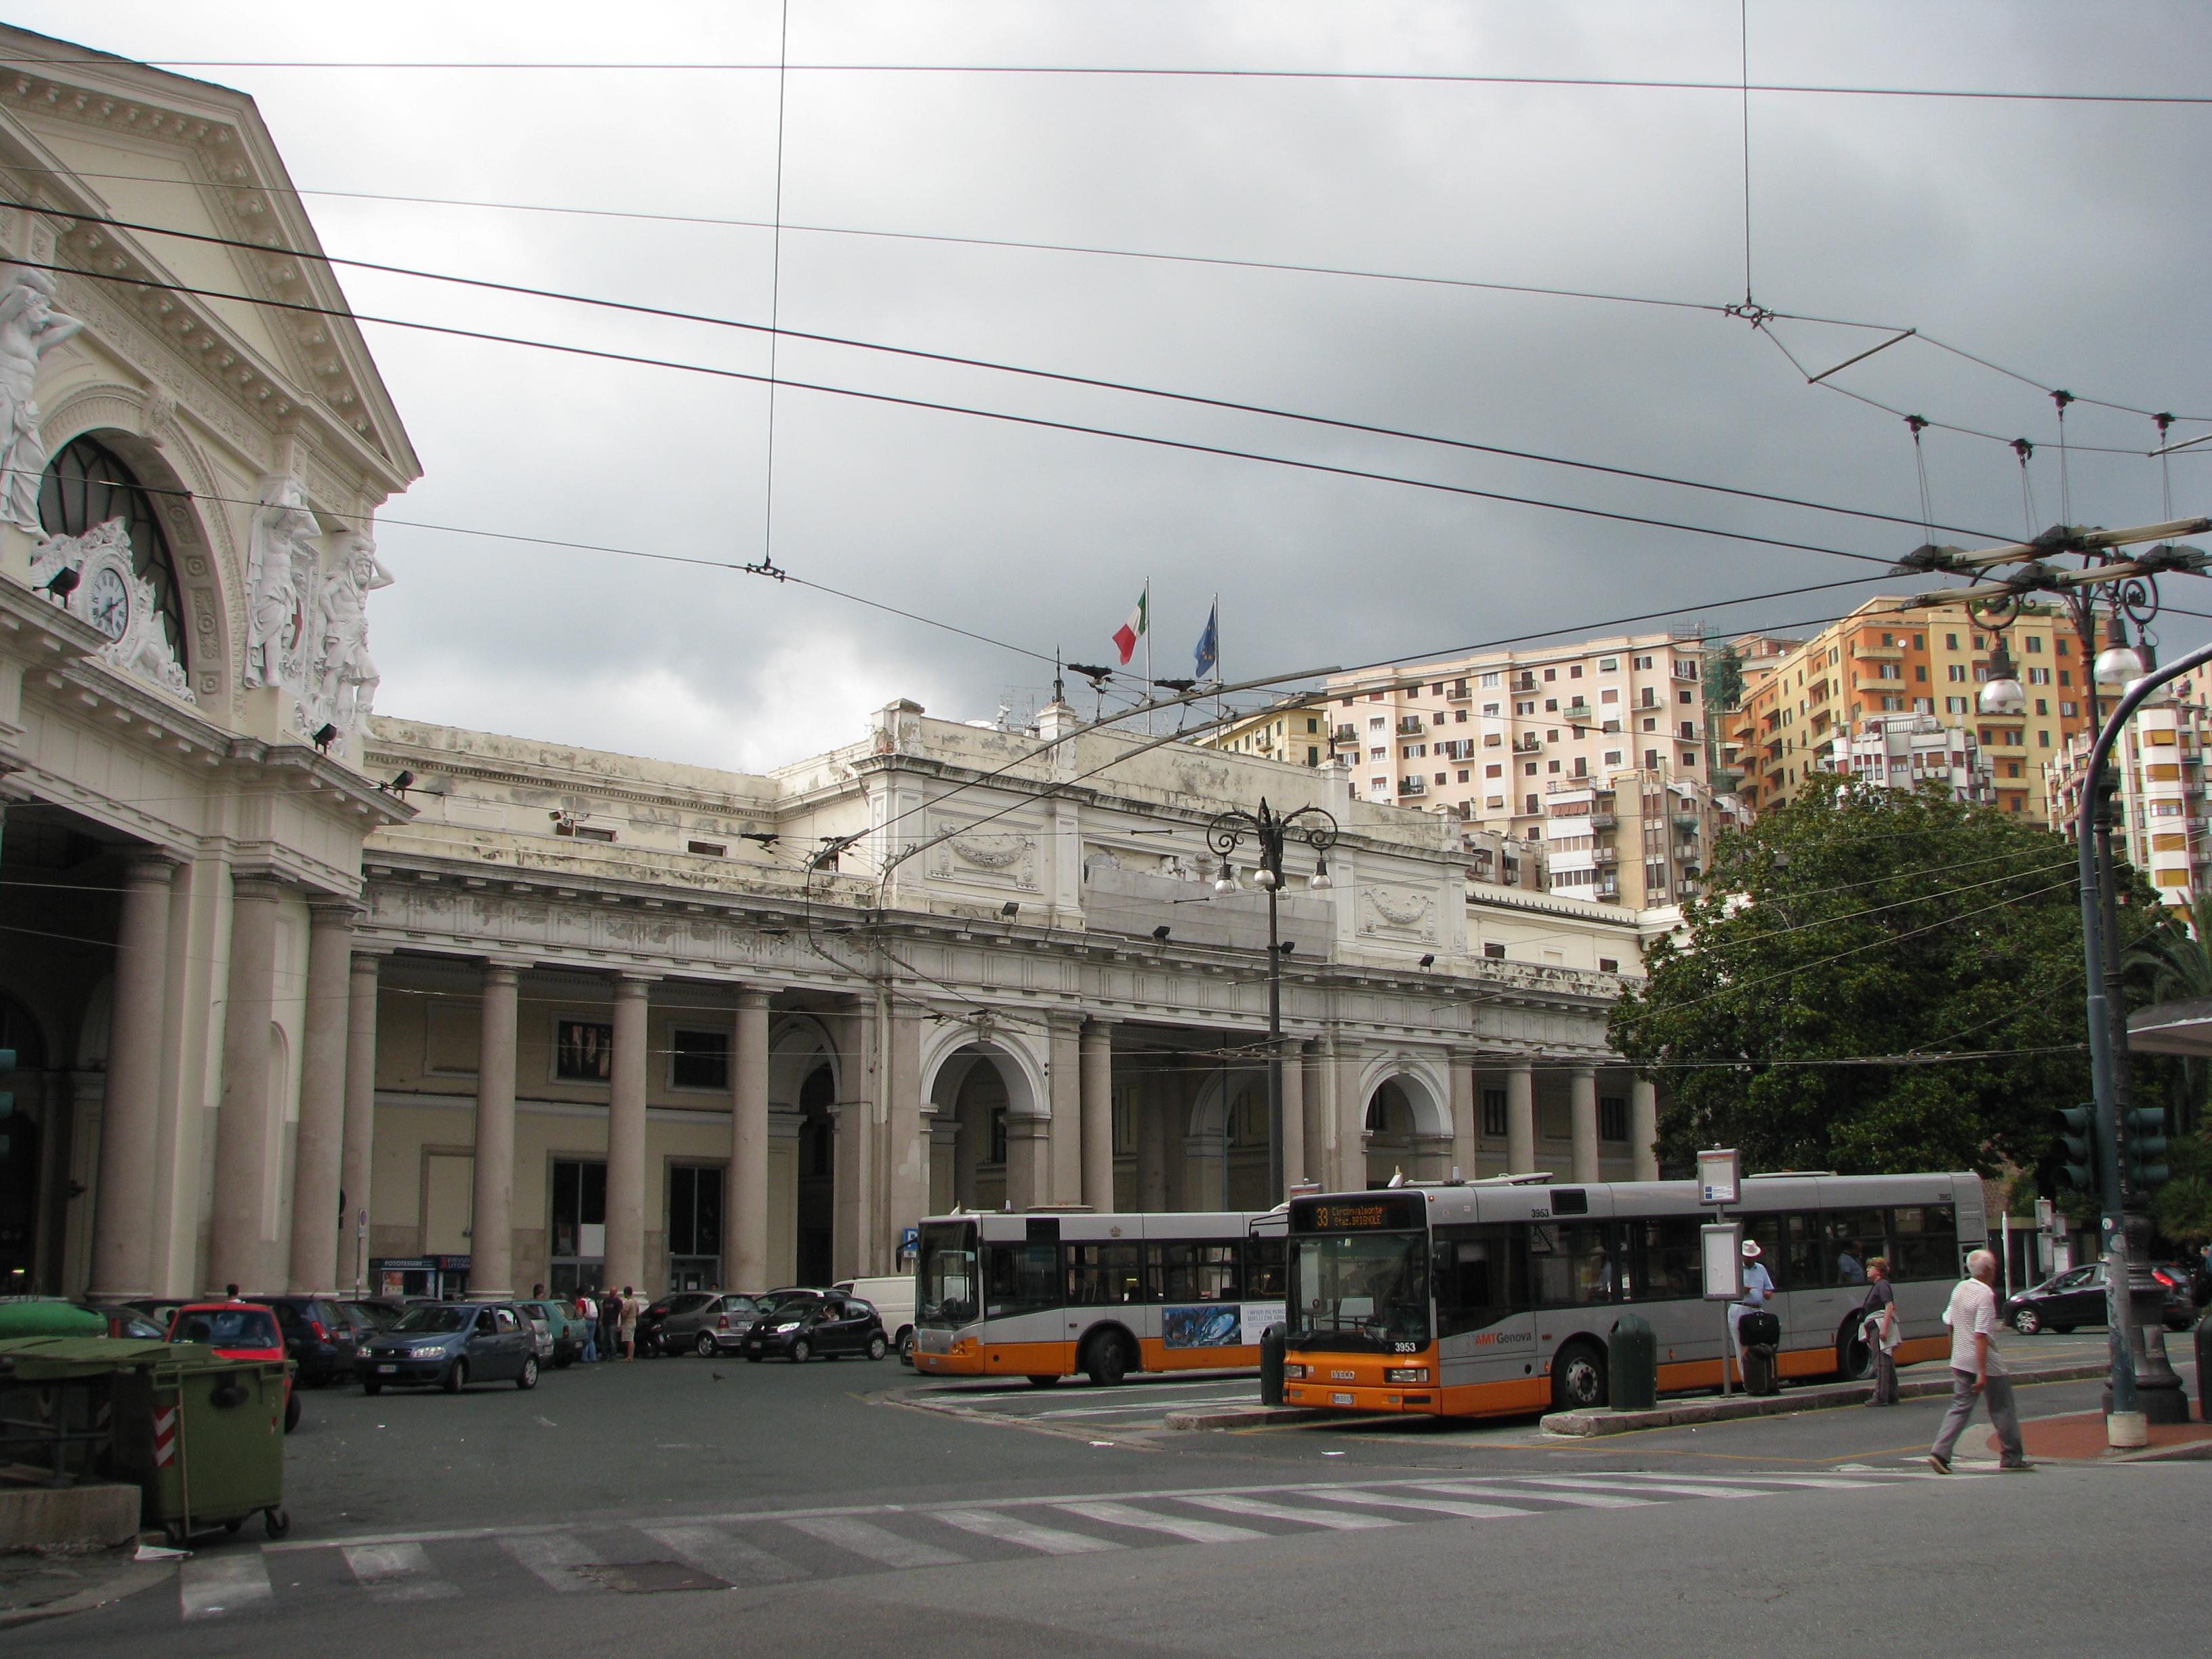 Fuggono da Comunità di Acireale, e ragazzini rintracciati a Genova